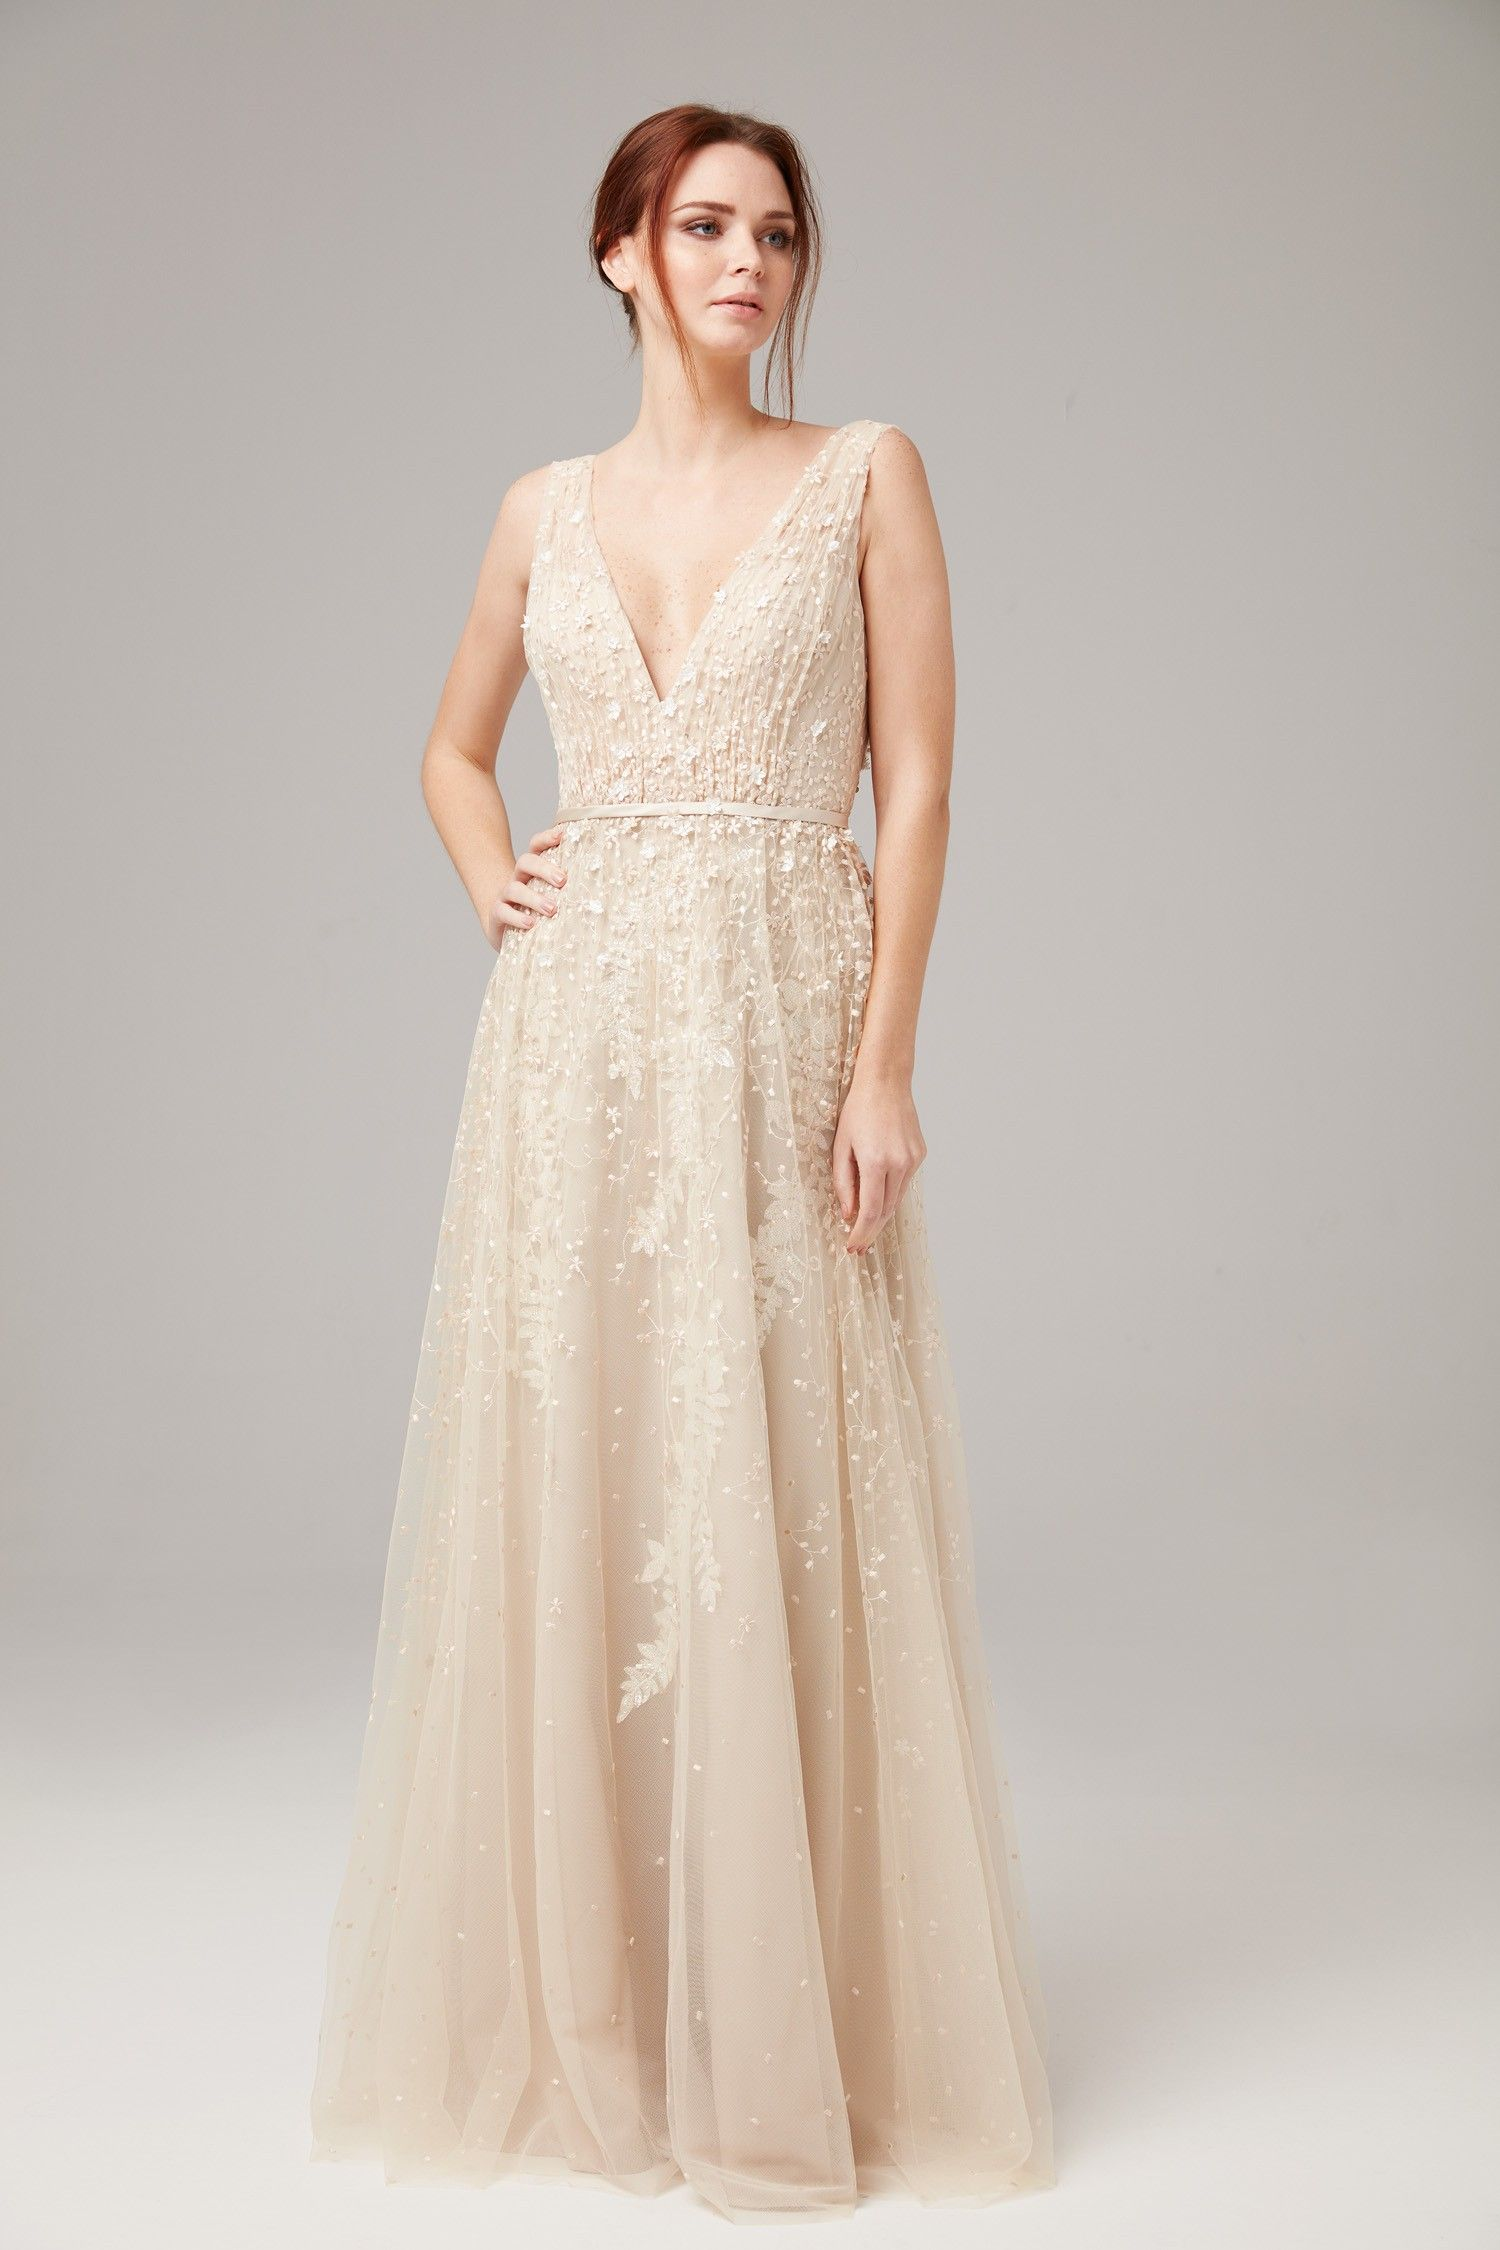 Şampanya Rengi Askılı Dantel İşlemeli Uzun Abiye Elbise  1550363d54d3